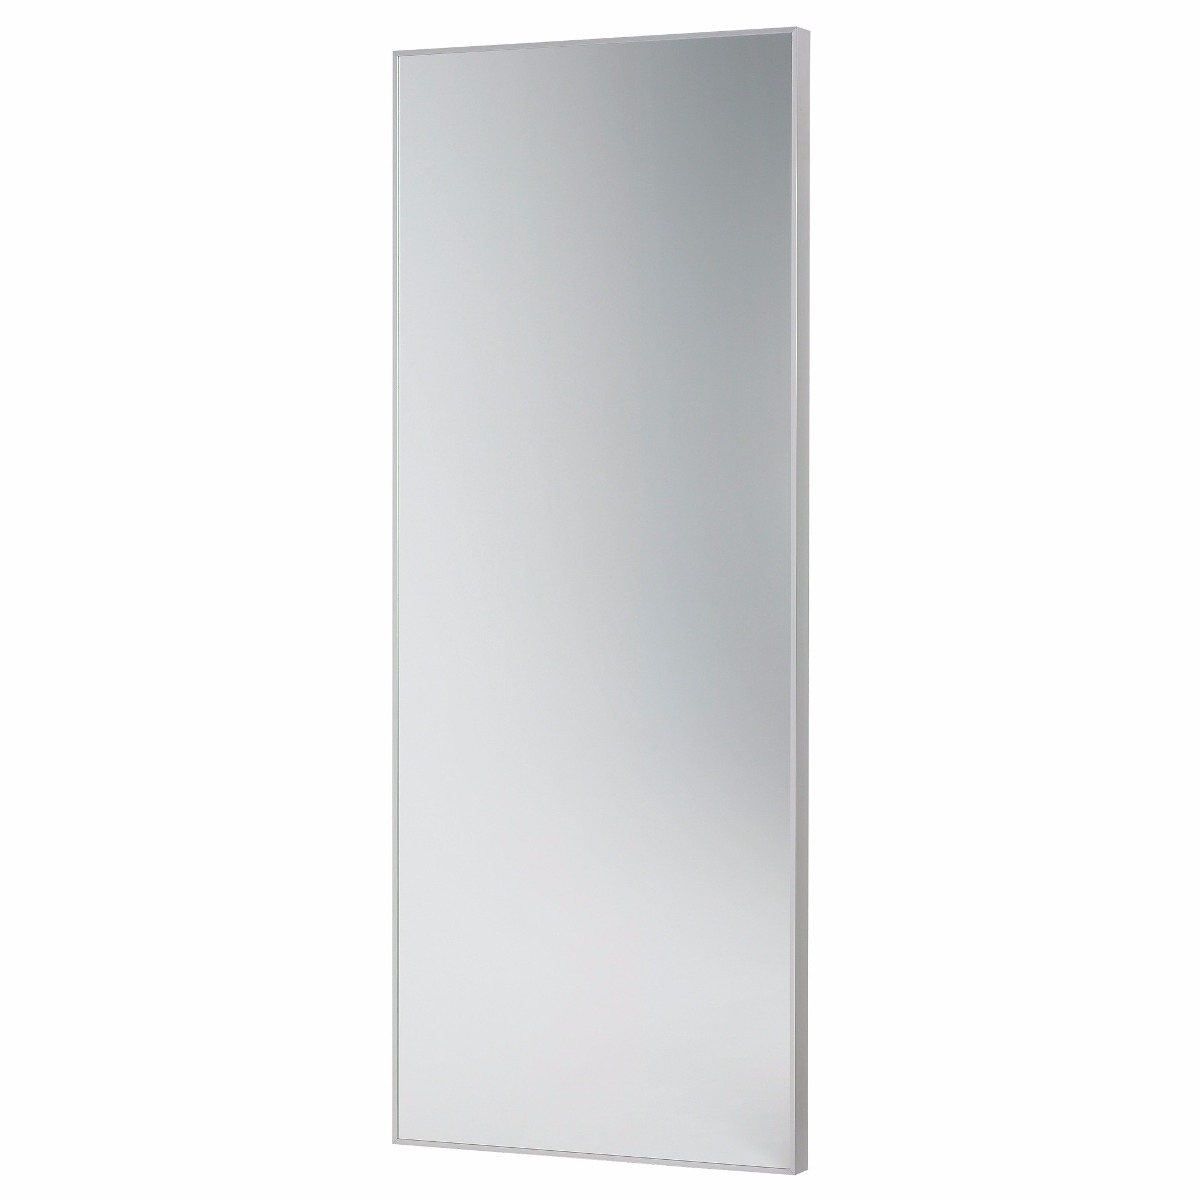 Espejos grandes espejos grandes para vestidor espejo for Espejo grande pared